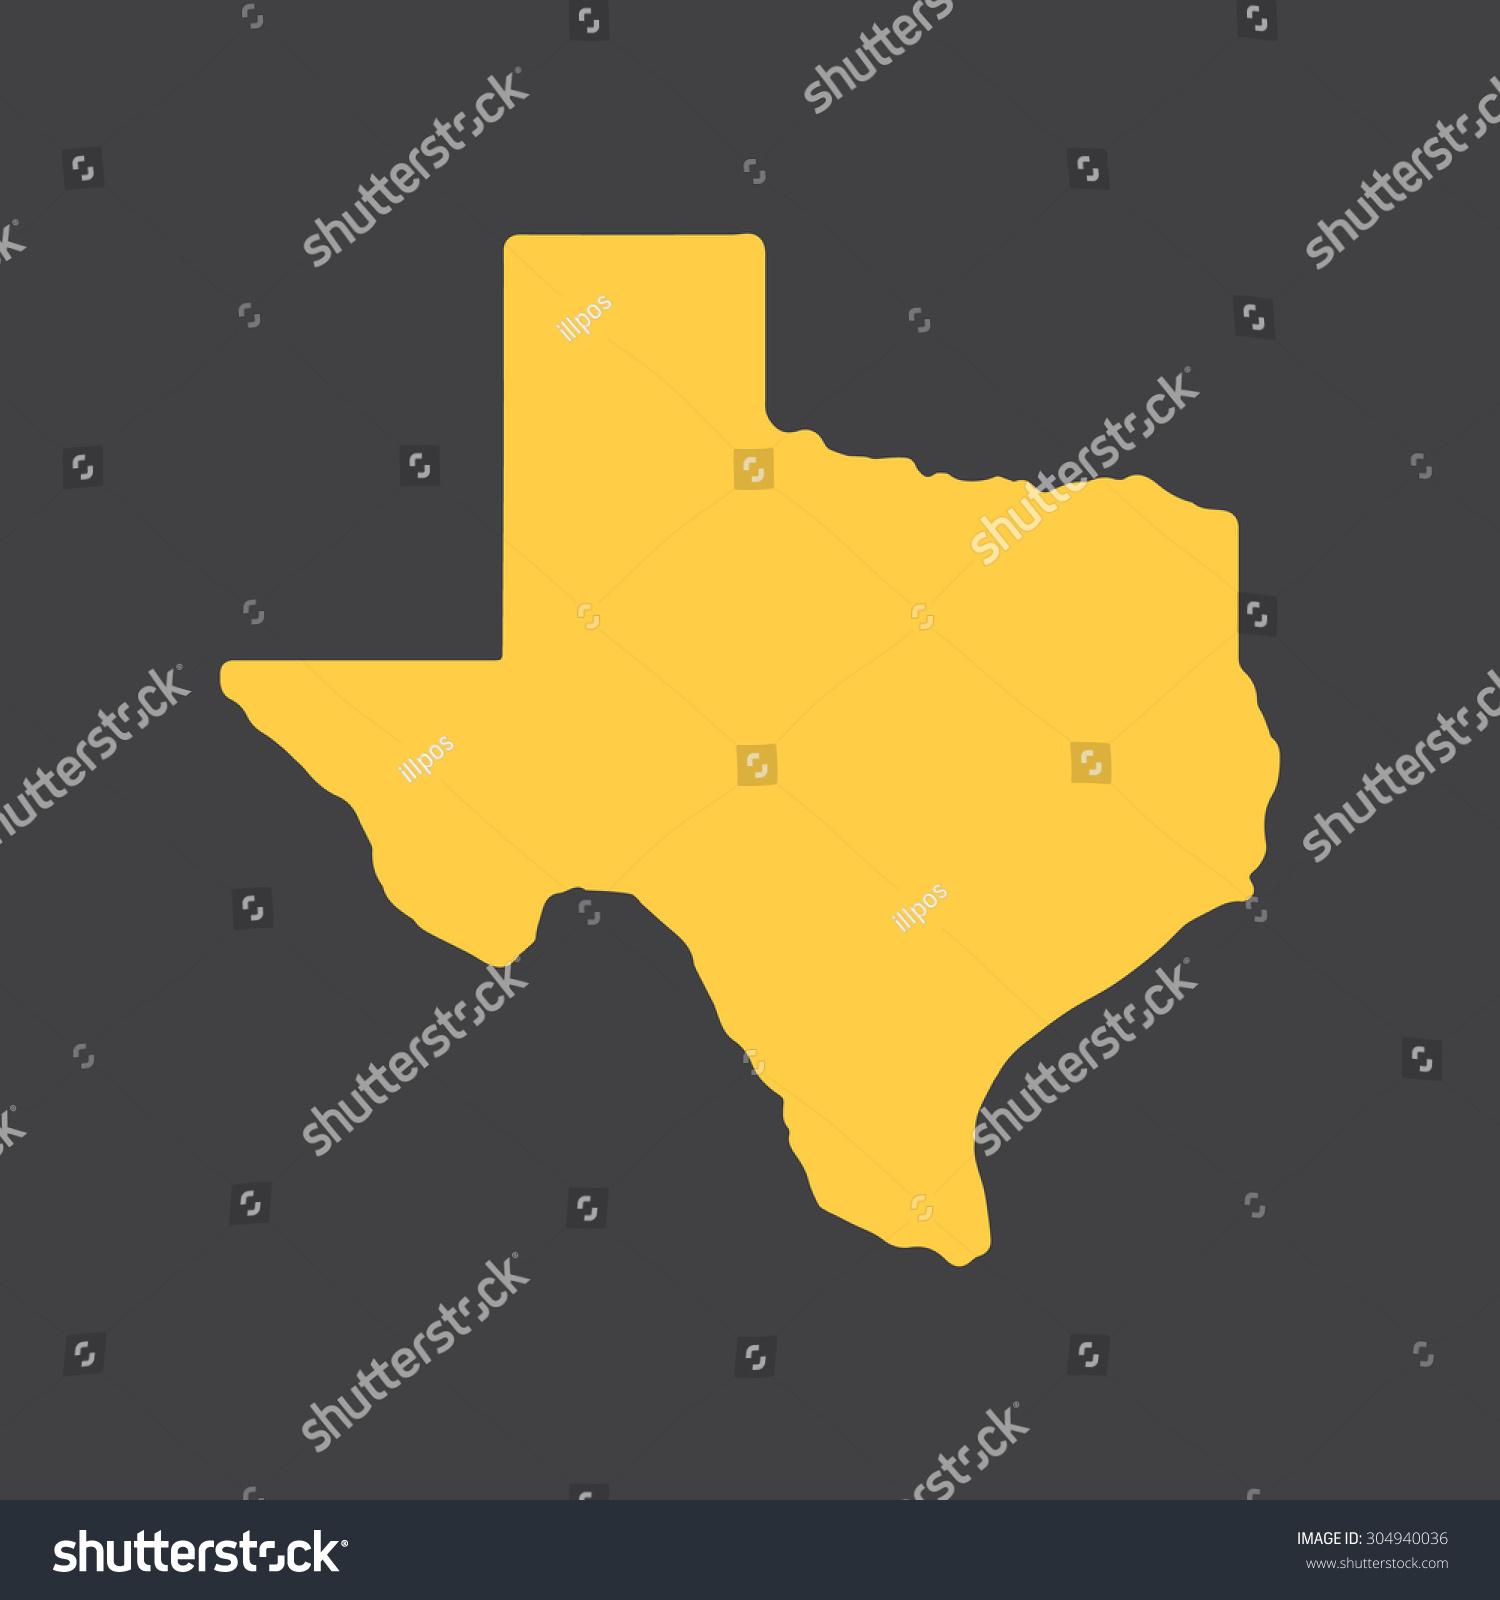 Texas Yellow State Border Map Vector Stock Vector 304940036 ...